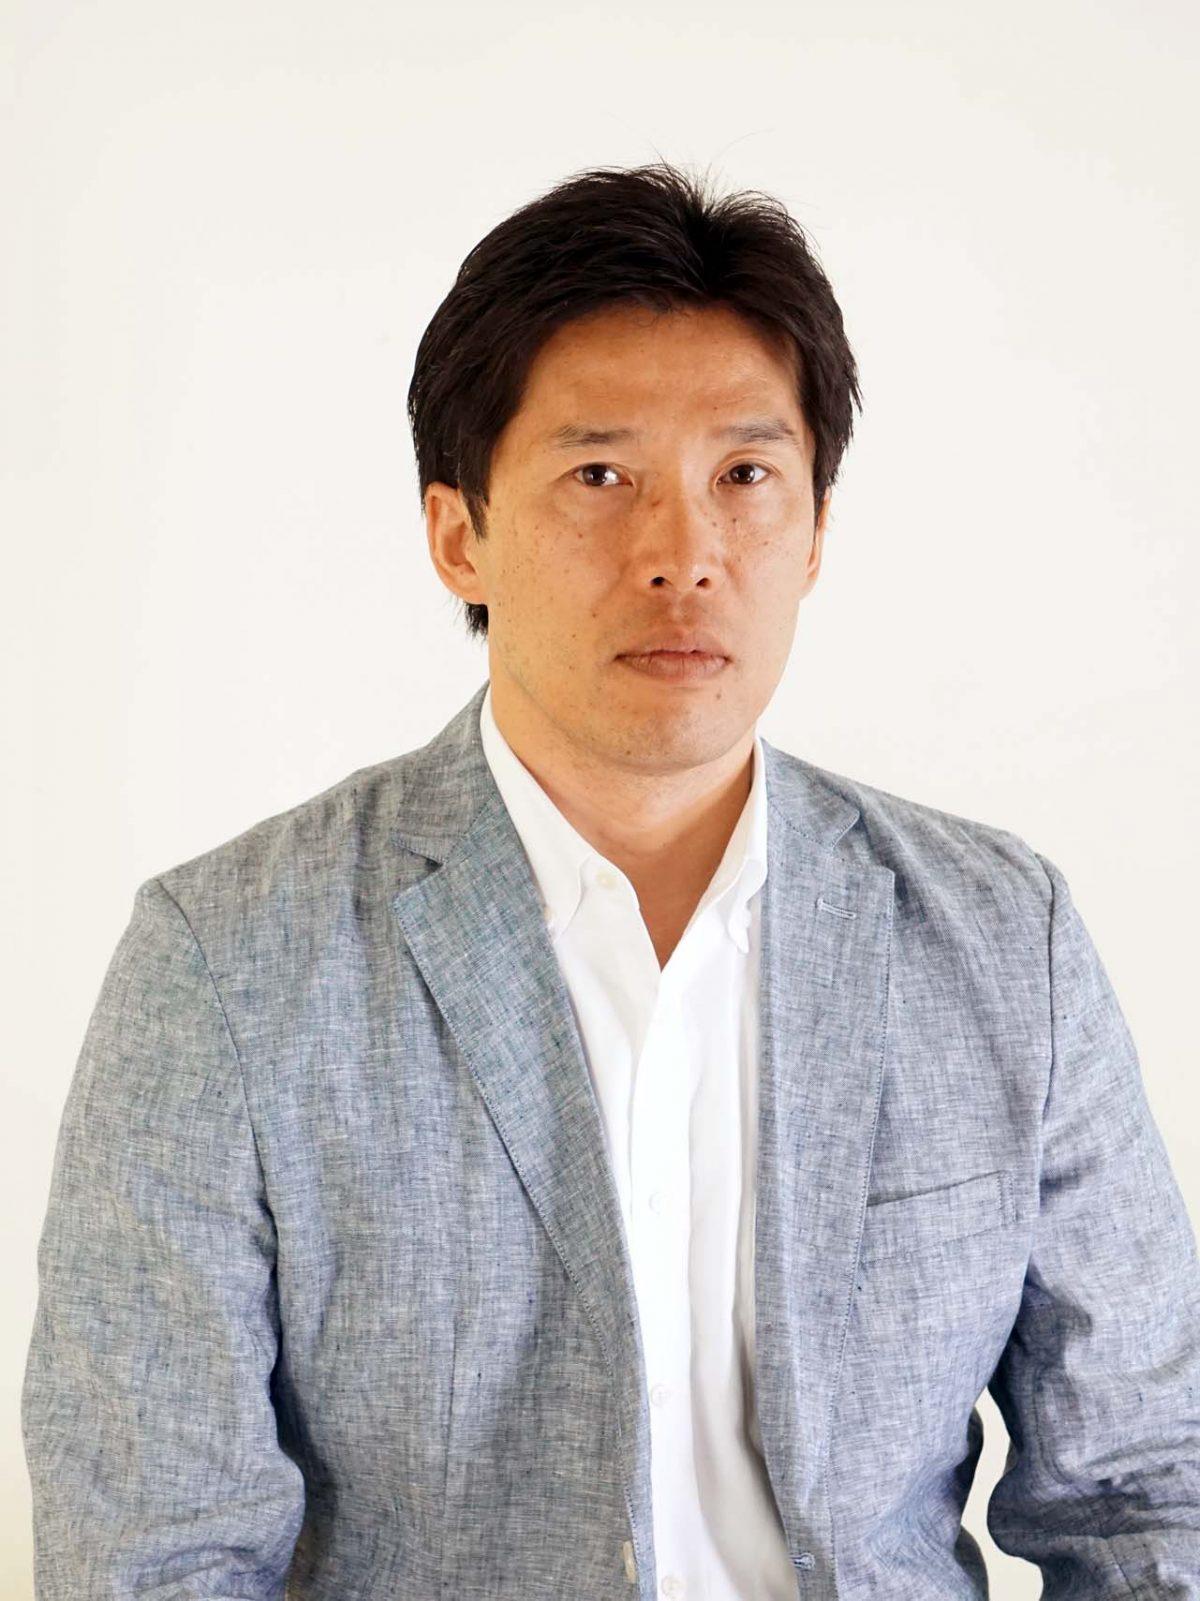 近藤強Tsuyoshi Kondo